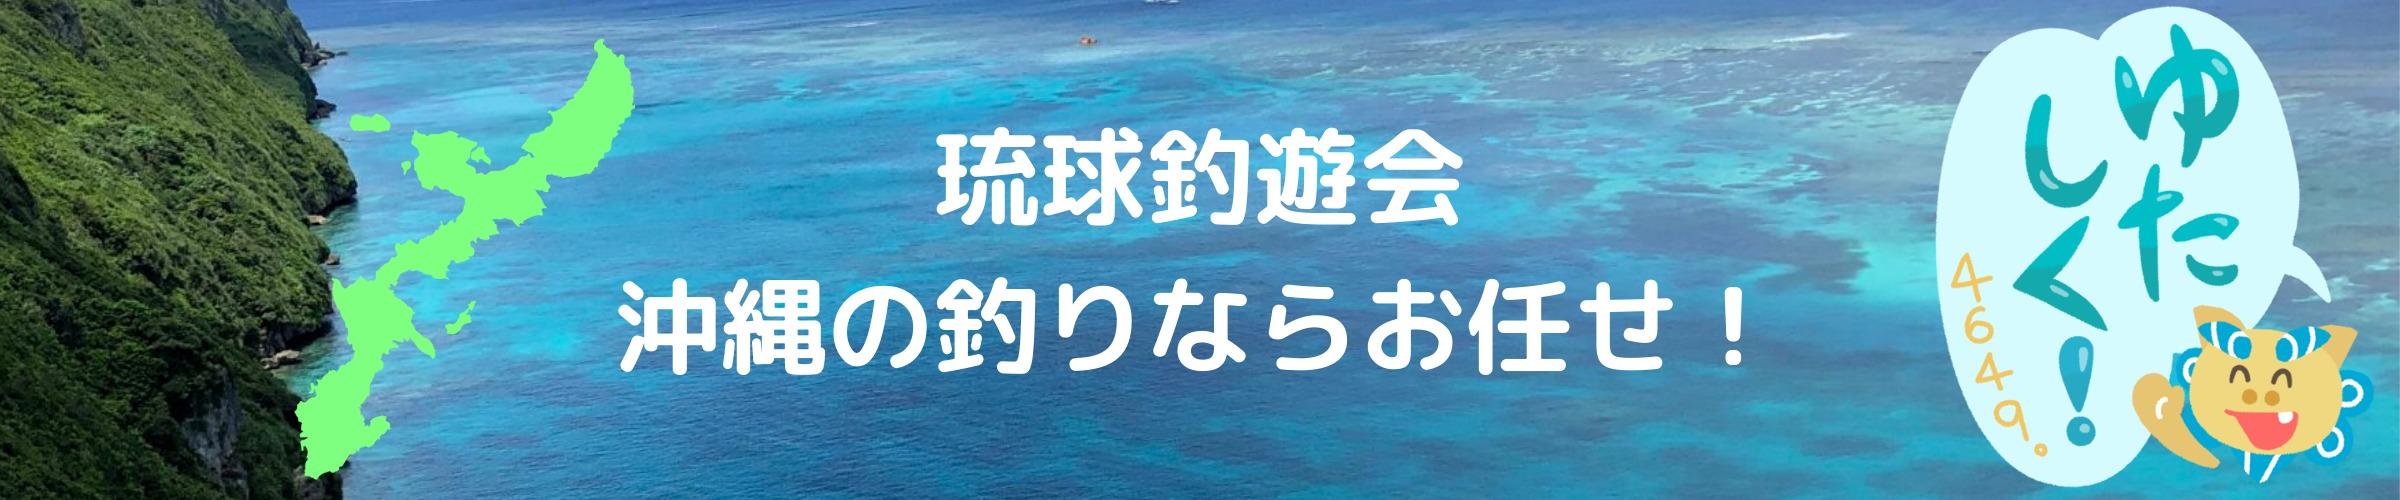 琉球釣遊会